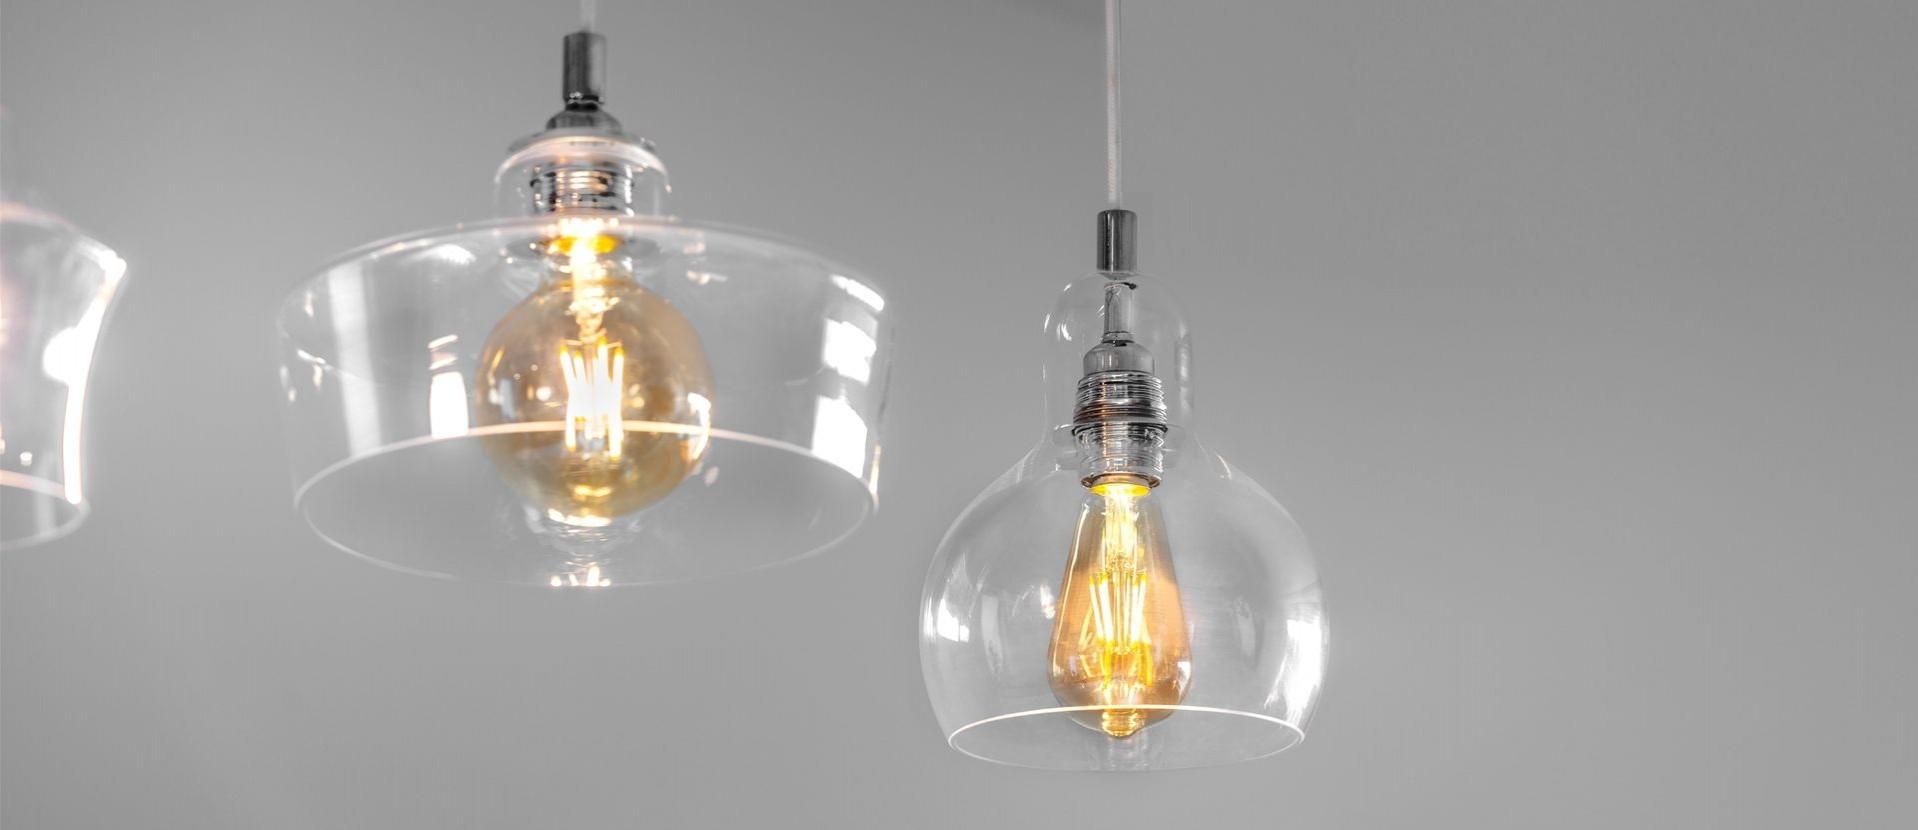 Filamenty LED